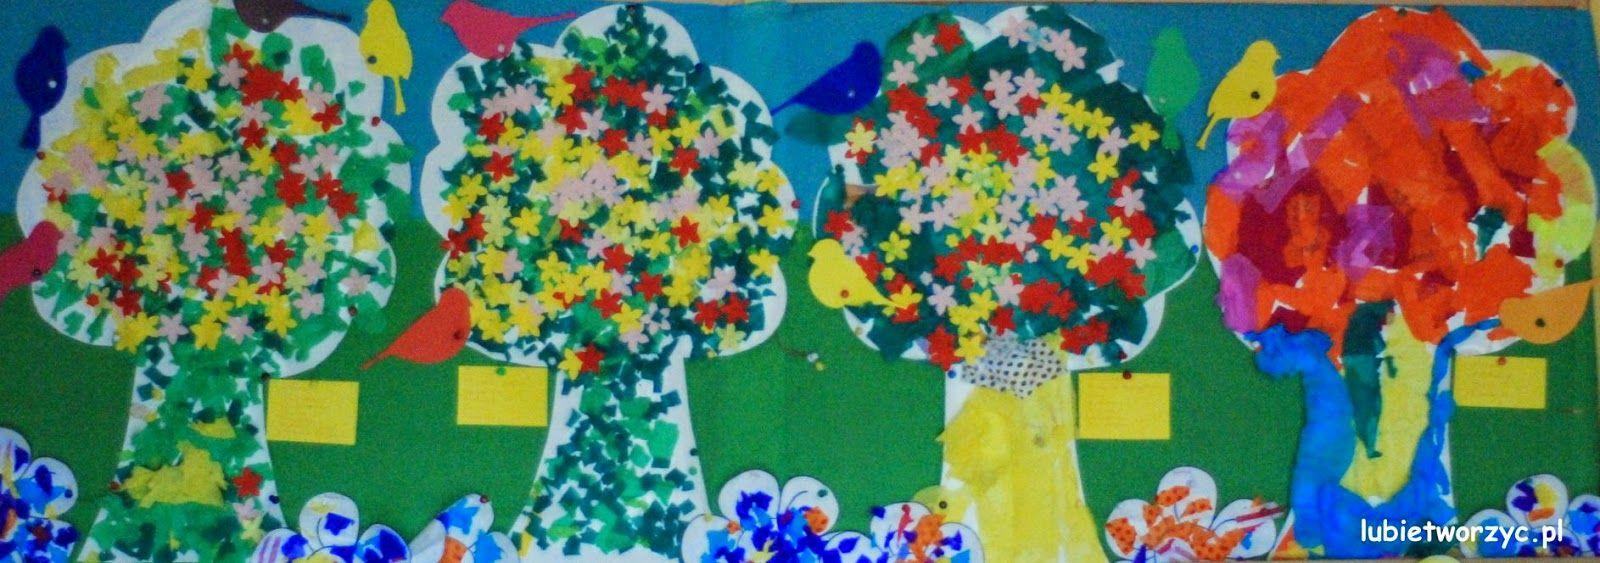 Wiosenne Drzewa Wykonane Przez Dzieci Dekoracja Przedszkolnej